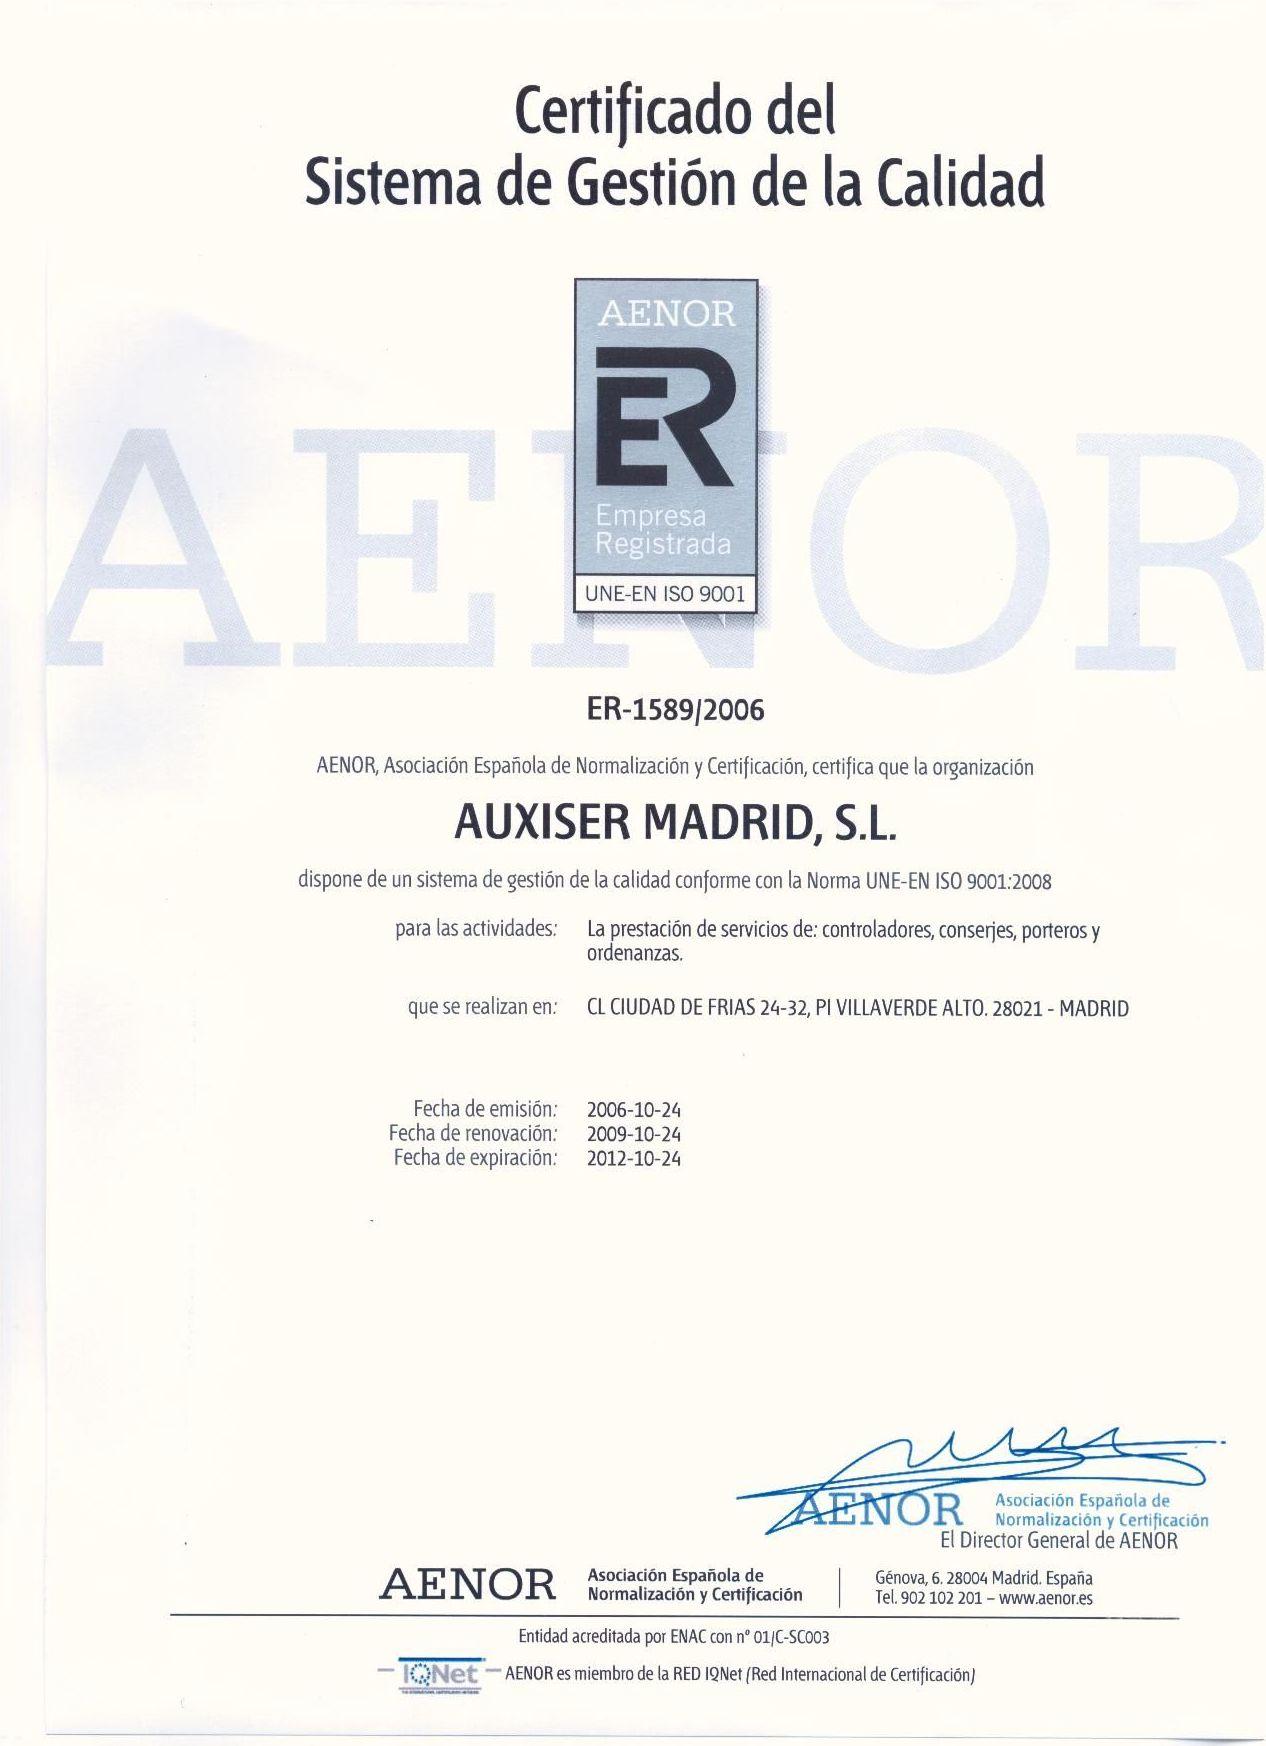 Empresa de servicios auxiliares certificada por AENOR